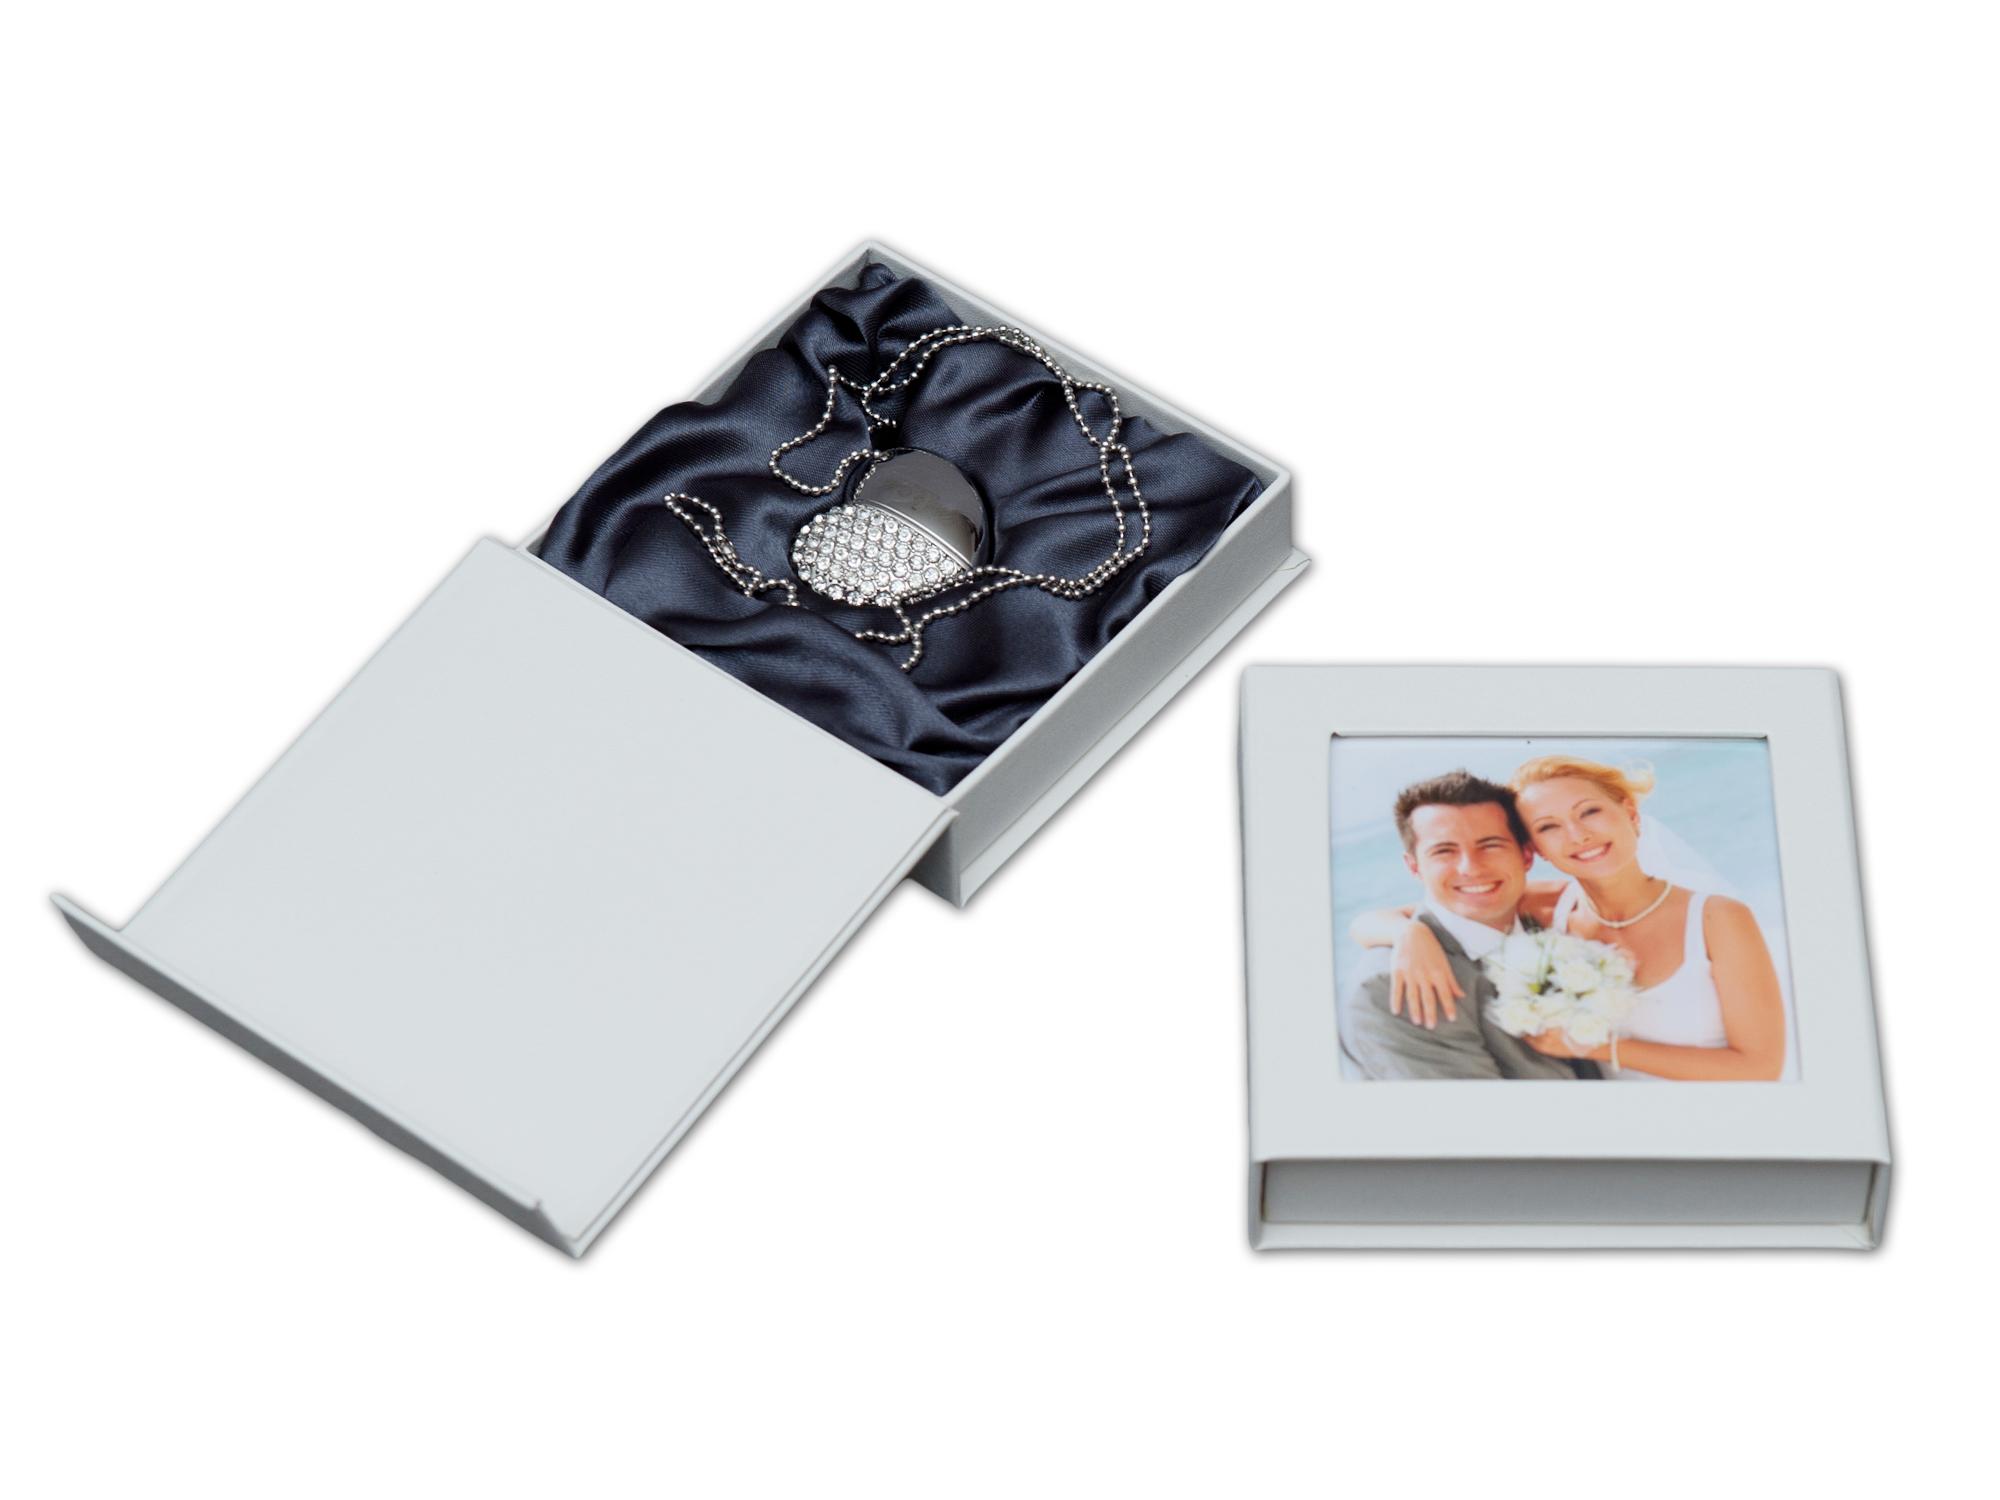 usb stick herz mit usb box usb 3 0 hochzeit design hochzeit dvd cd usb blue ray h lle. Black Bedroom Furniture Sets. Home Design Ideas